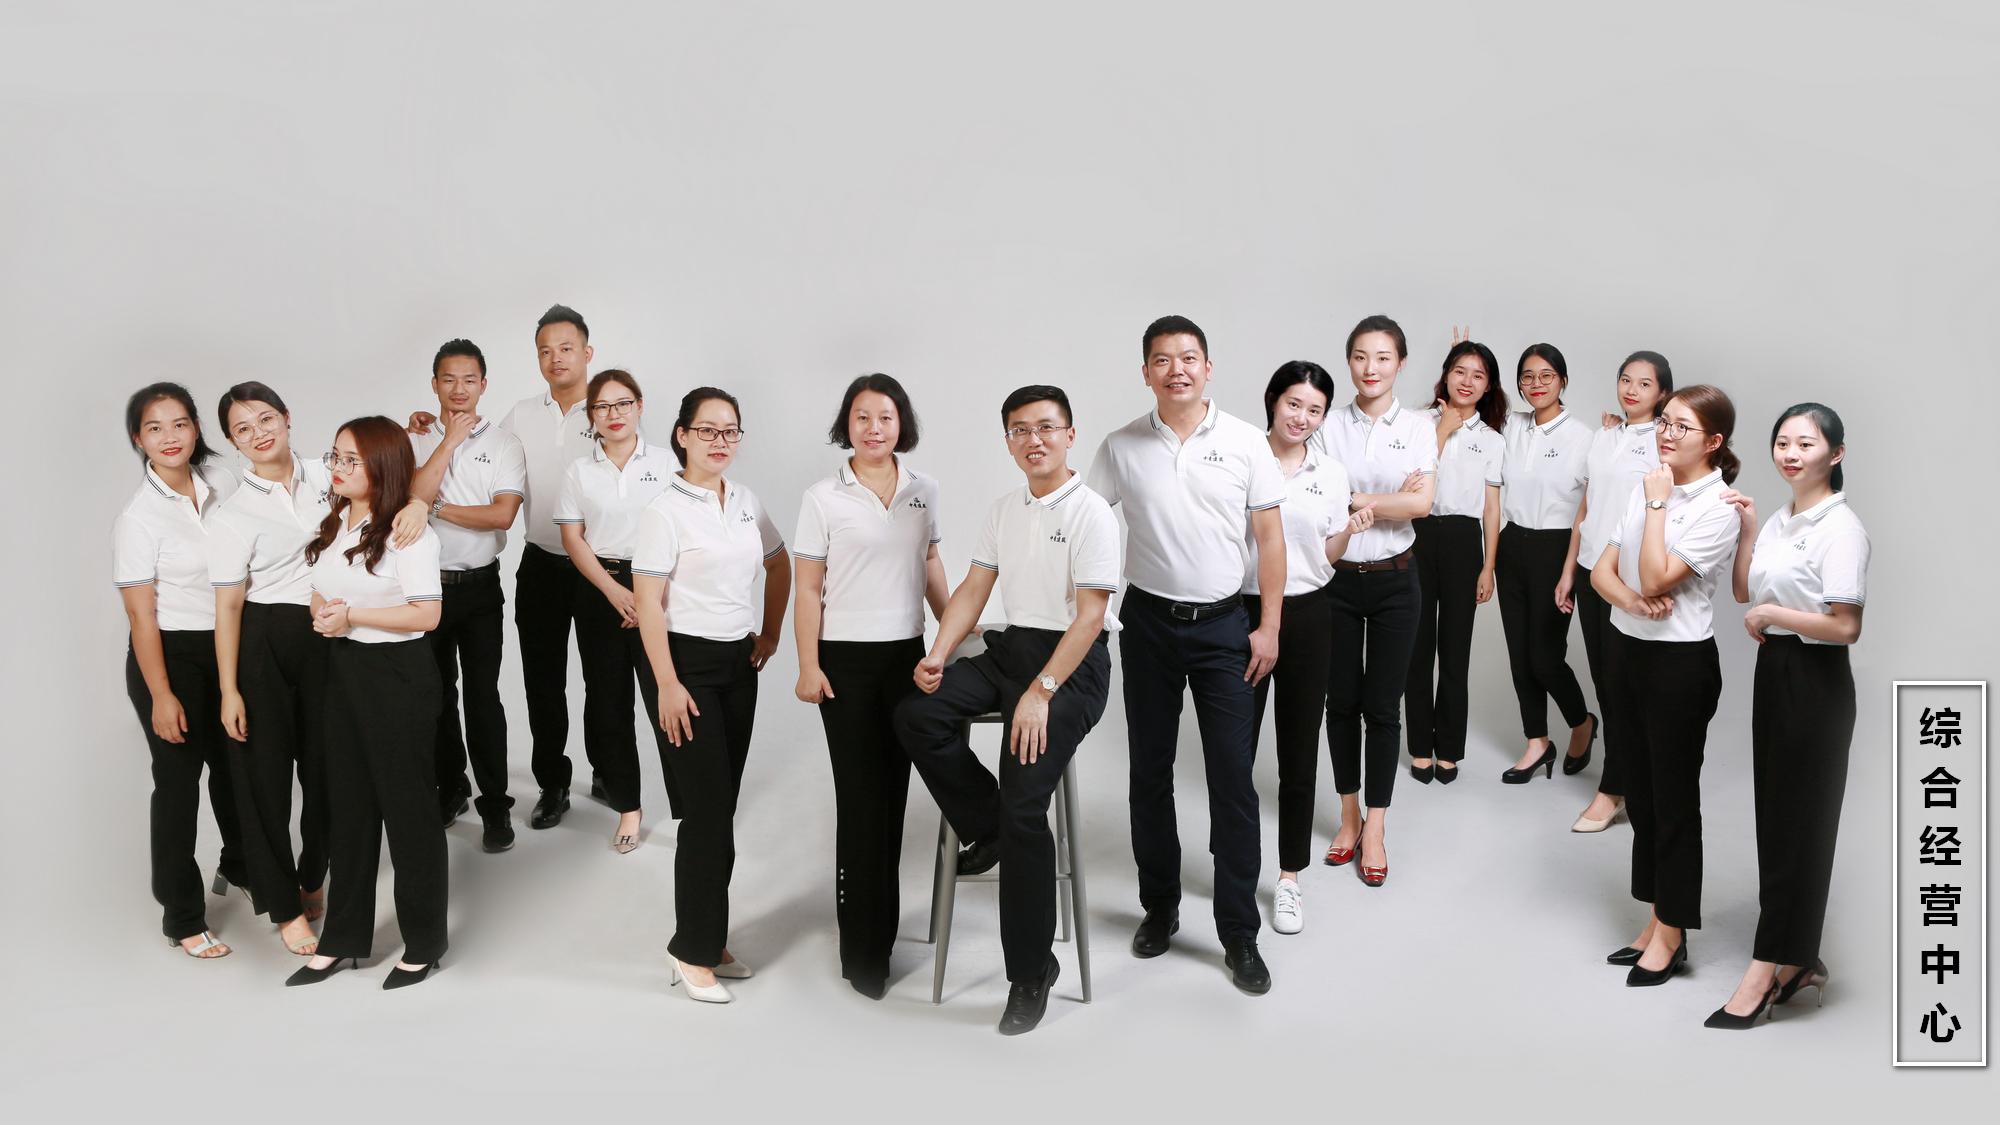 中青建筑科技精英團隊